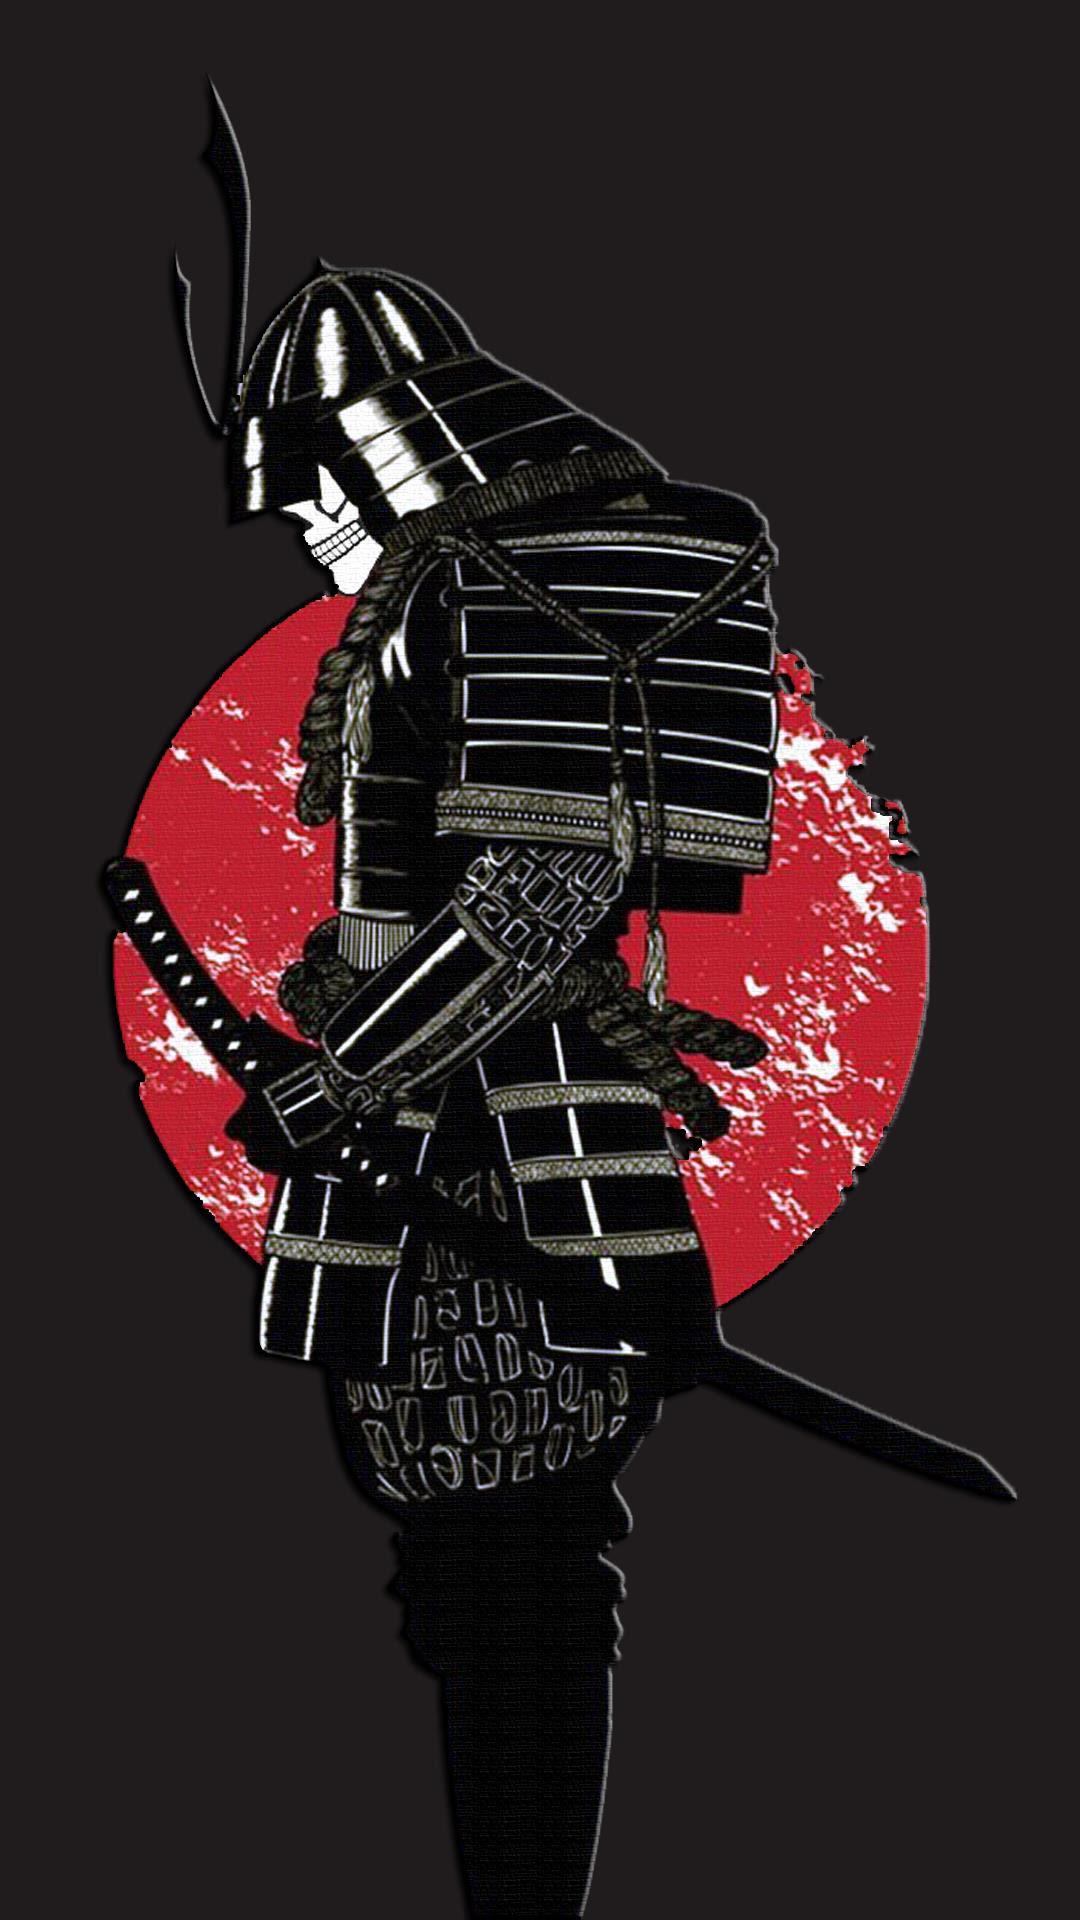 Samurai iPhone Wallpaper - Supportive Guru